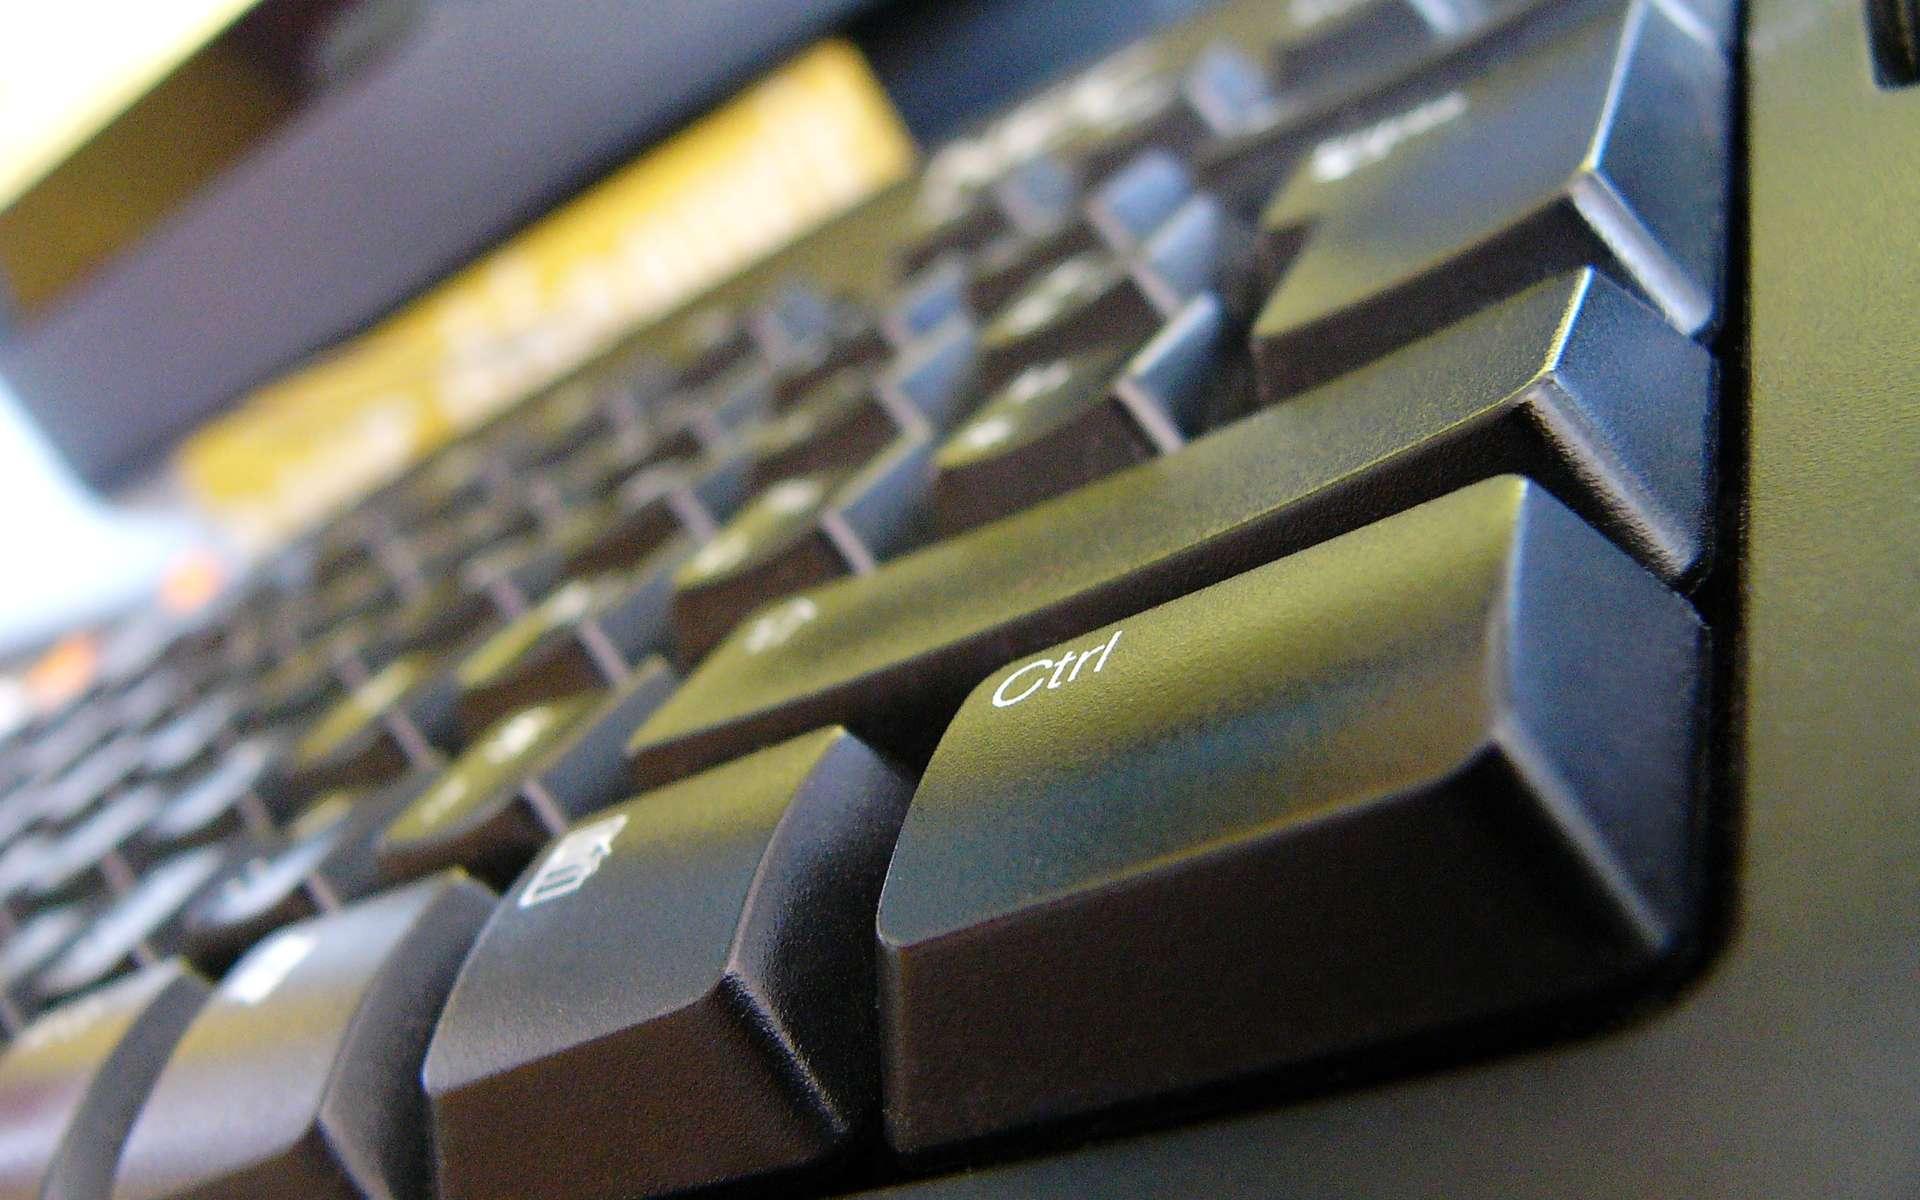 La GTB est un système informatique qui centralise et traite les données électriques et mécaniques d'un bâtiment. © zigazou76, CC BY 2.0, Flickr